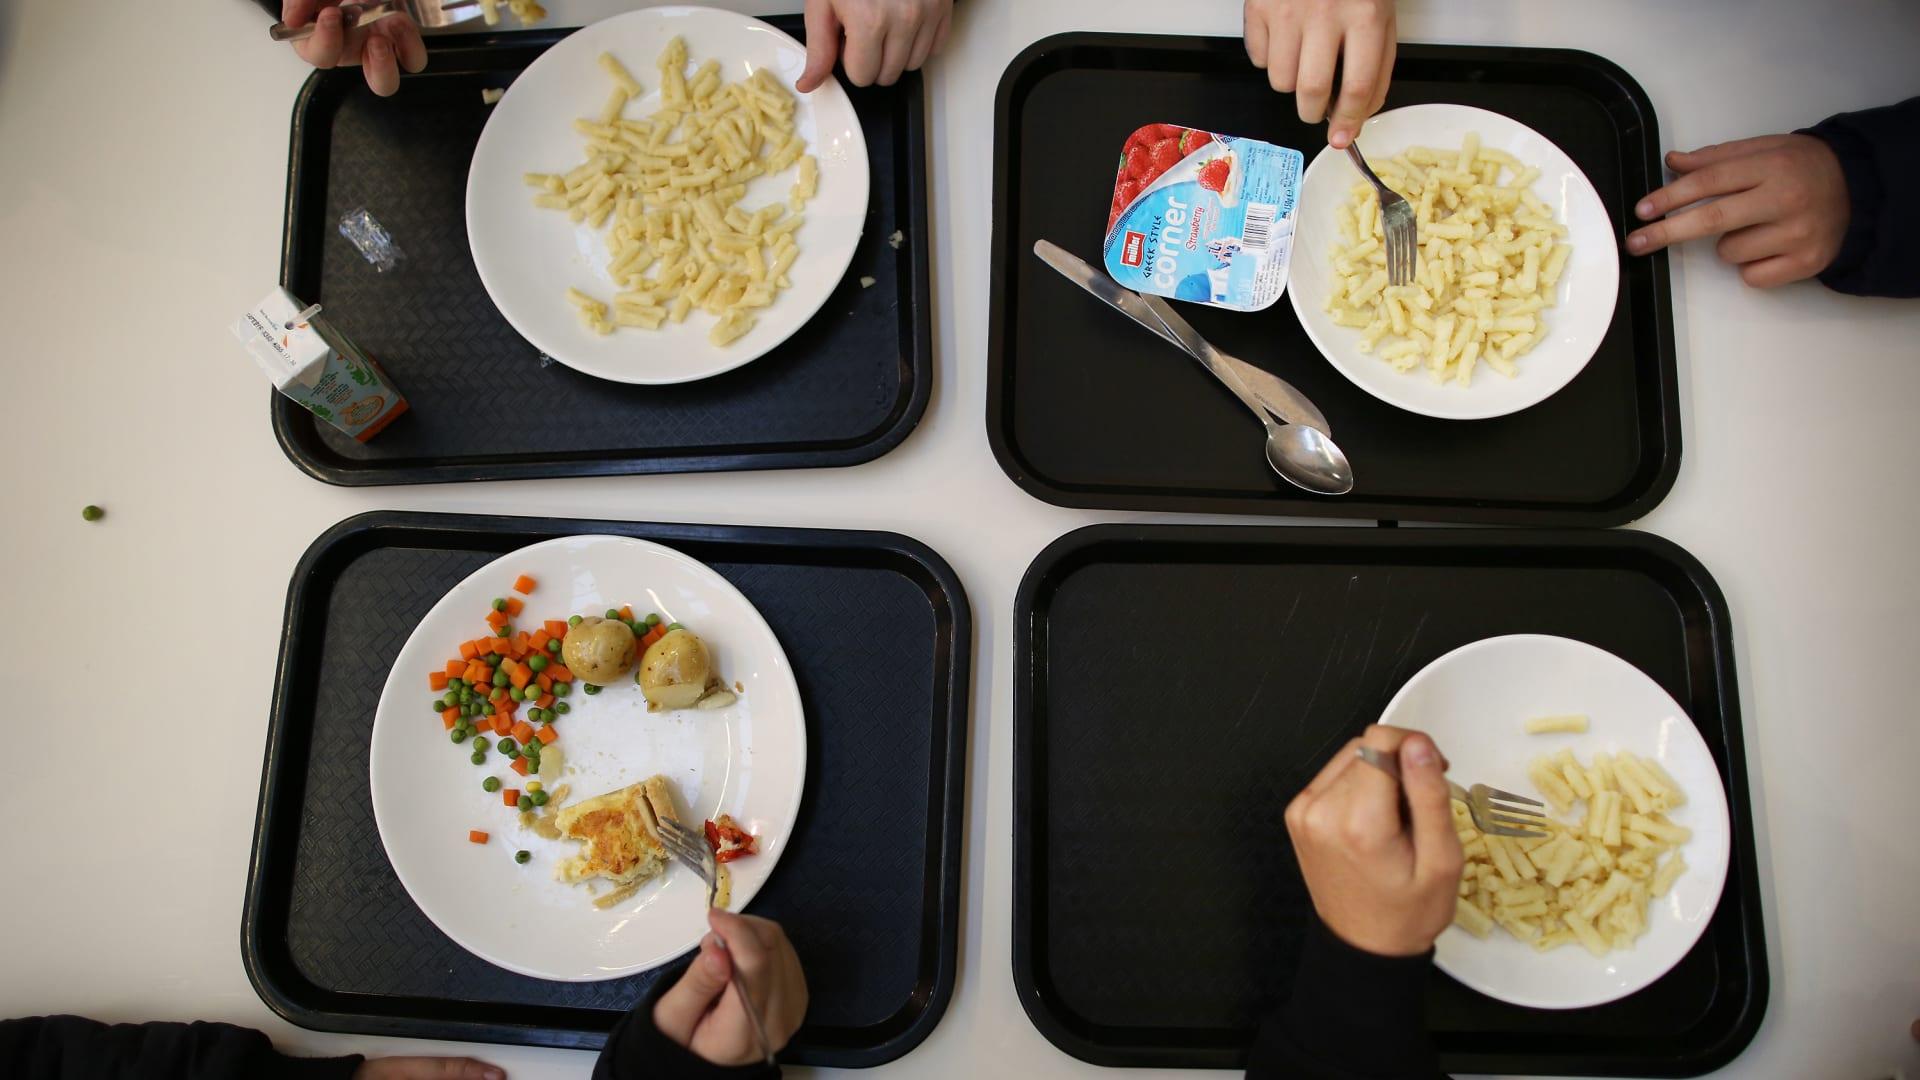 مرض متزايد بظل كورونا.. كيف يمكنك معرفة ما إذا كان طفلك يعاني من اضطراب الأكل؟